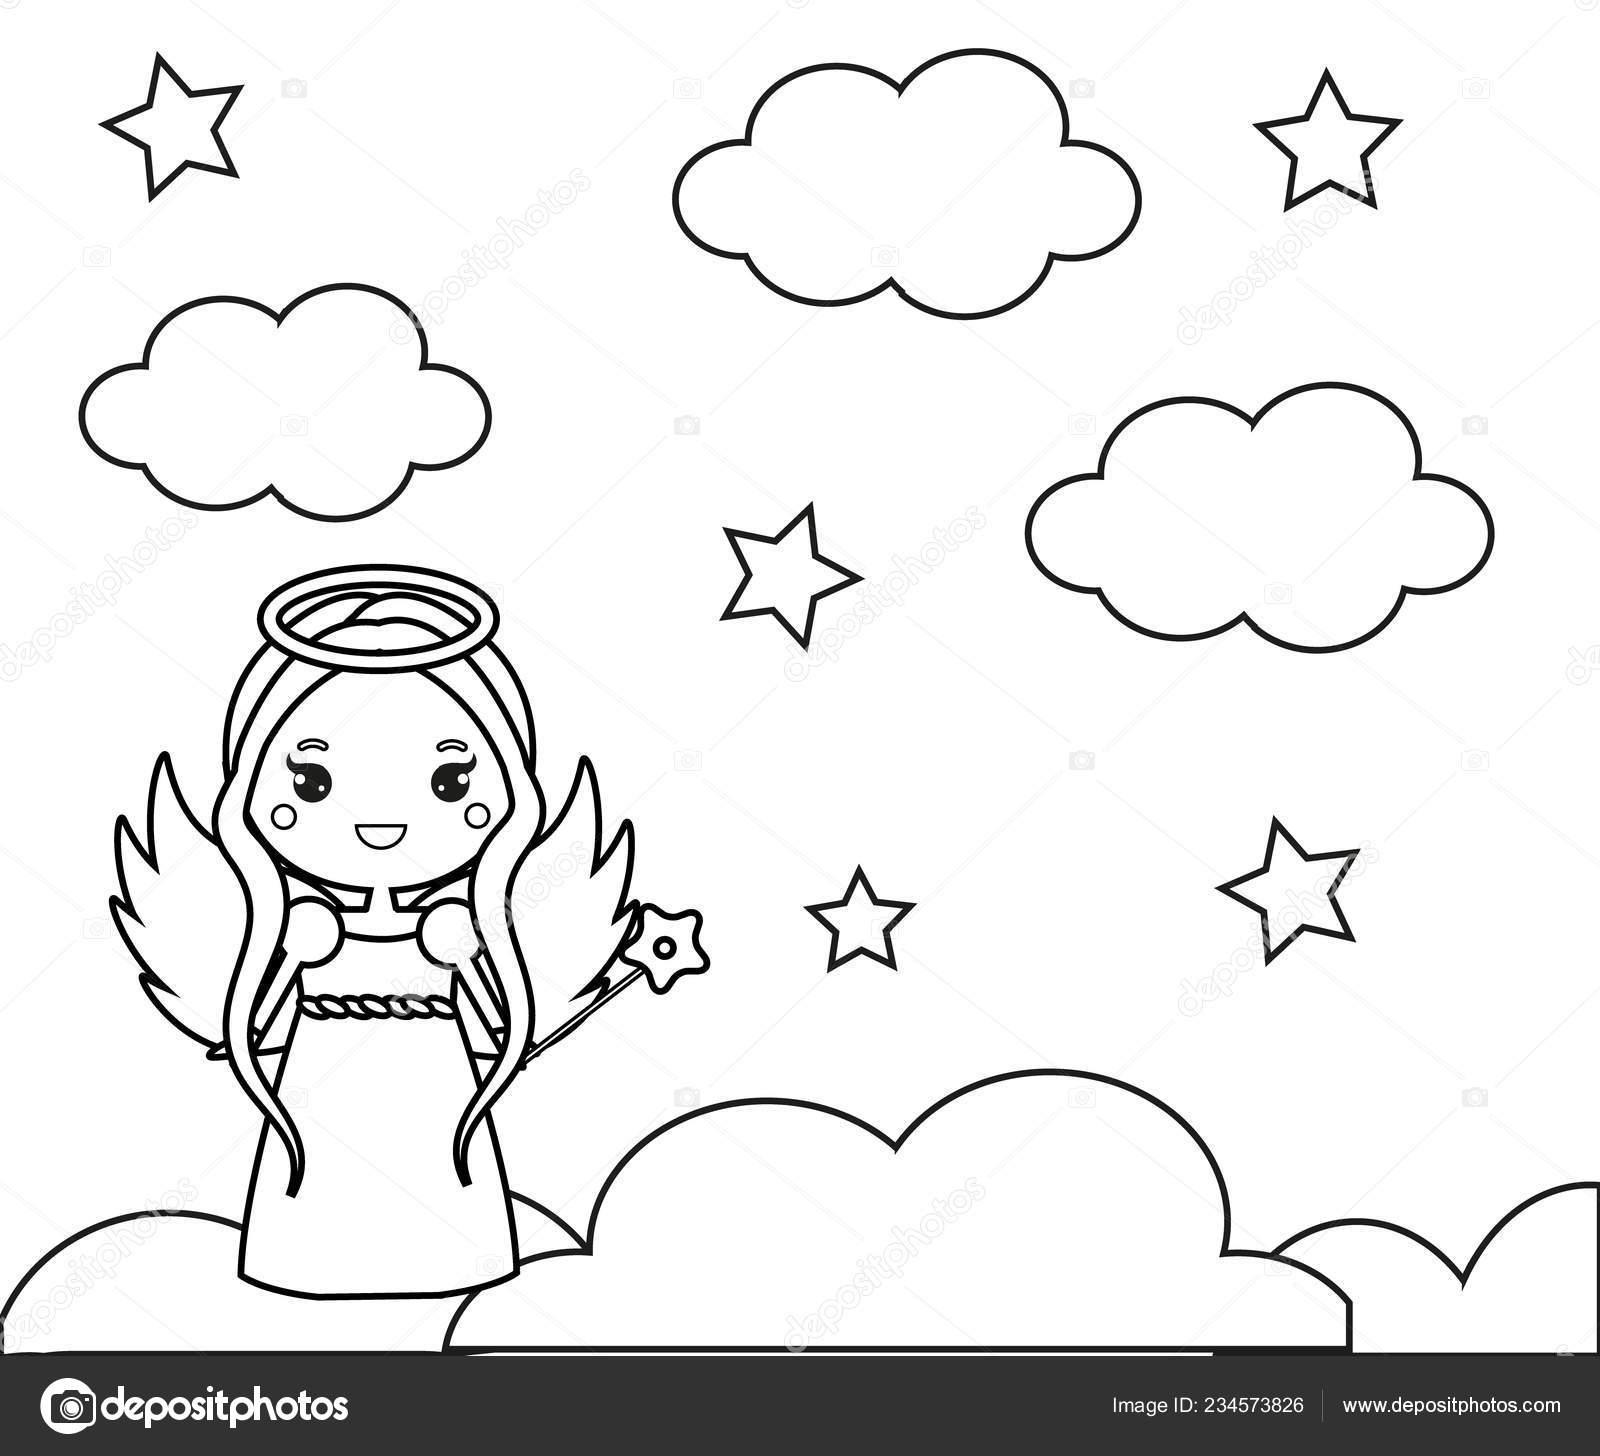 Página Para Colorear Con Lindo ángel Las Nubes Dibujo Juego Vector